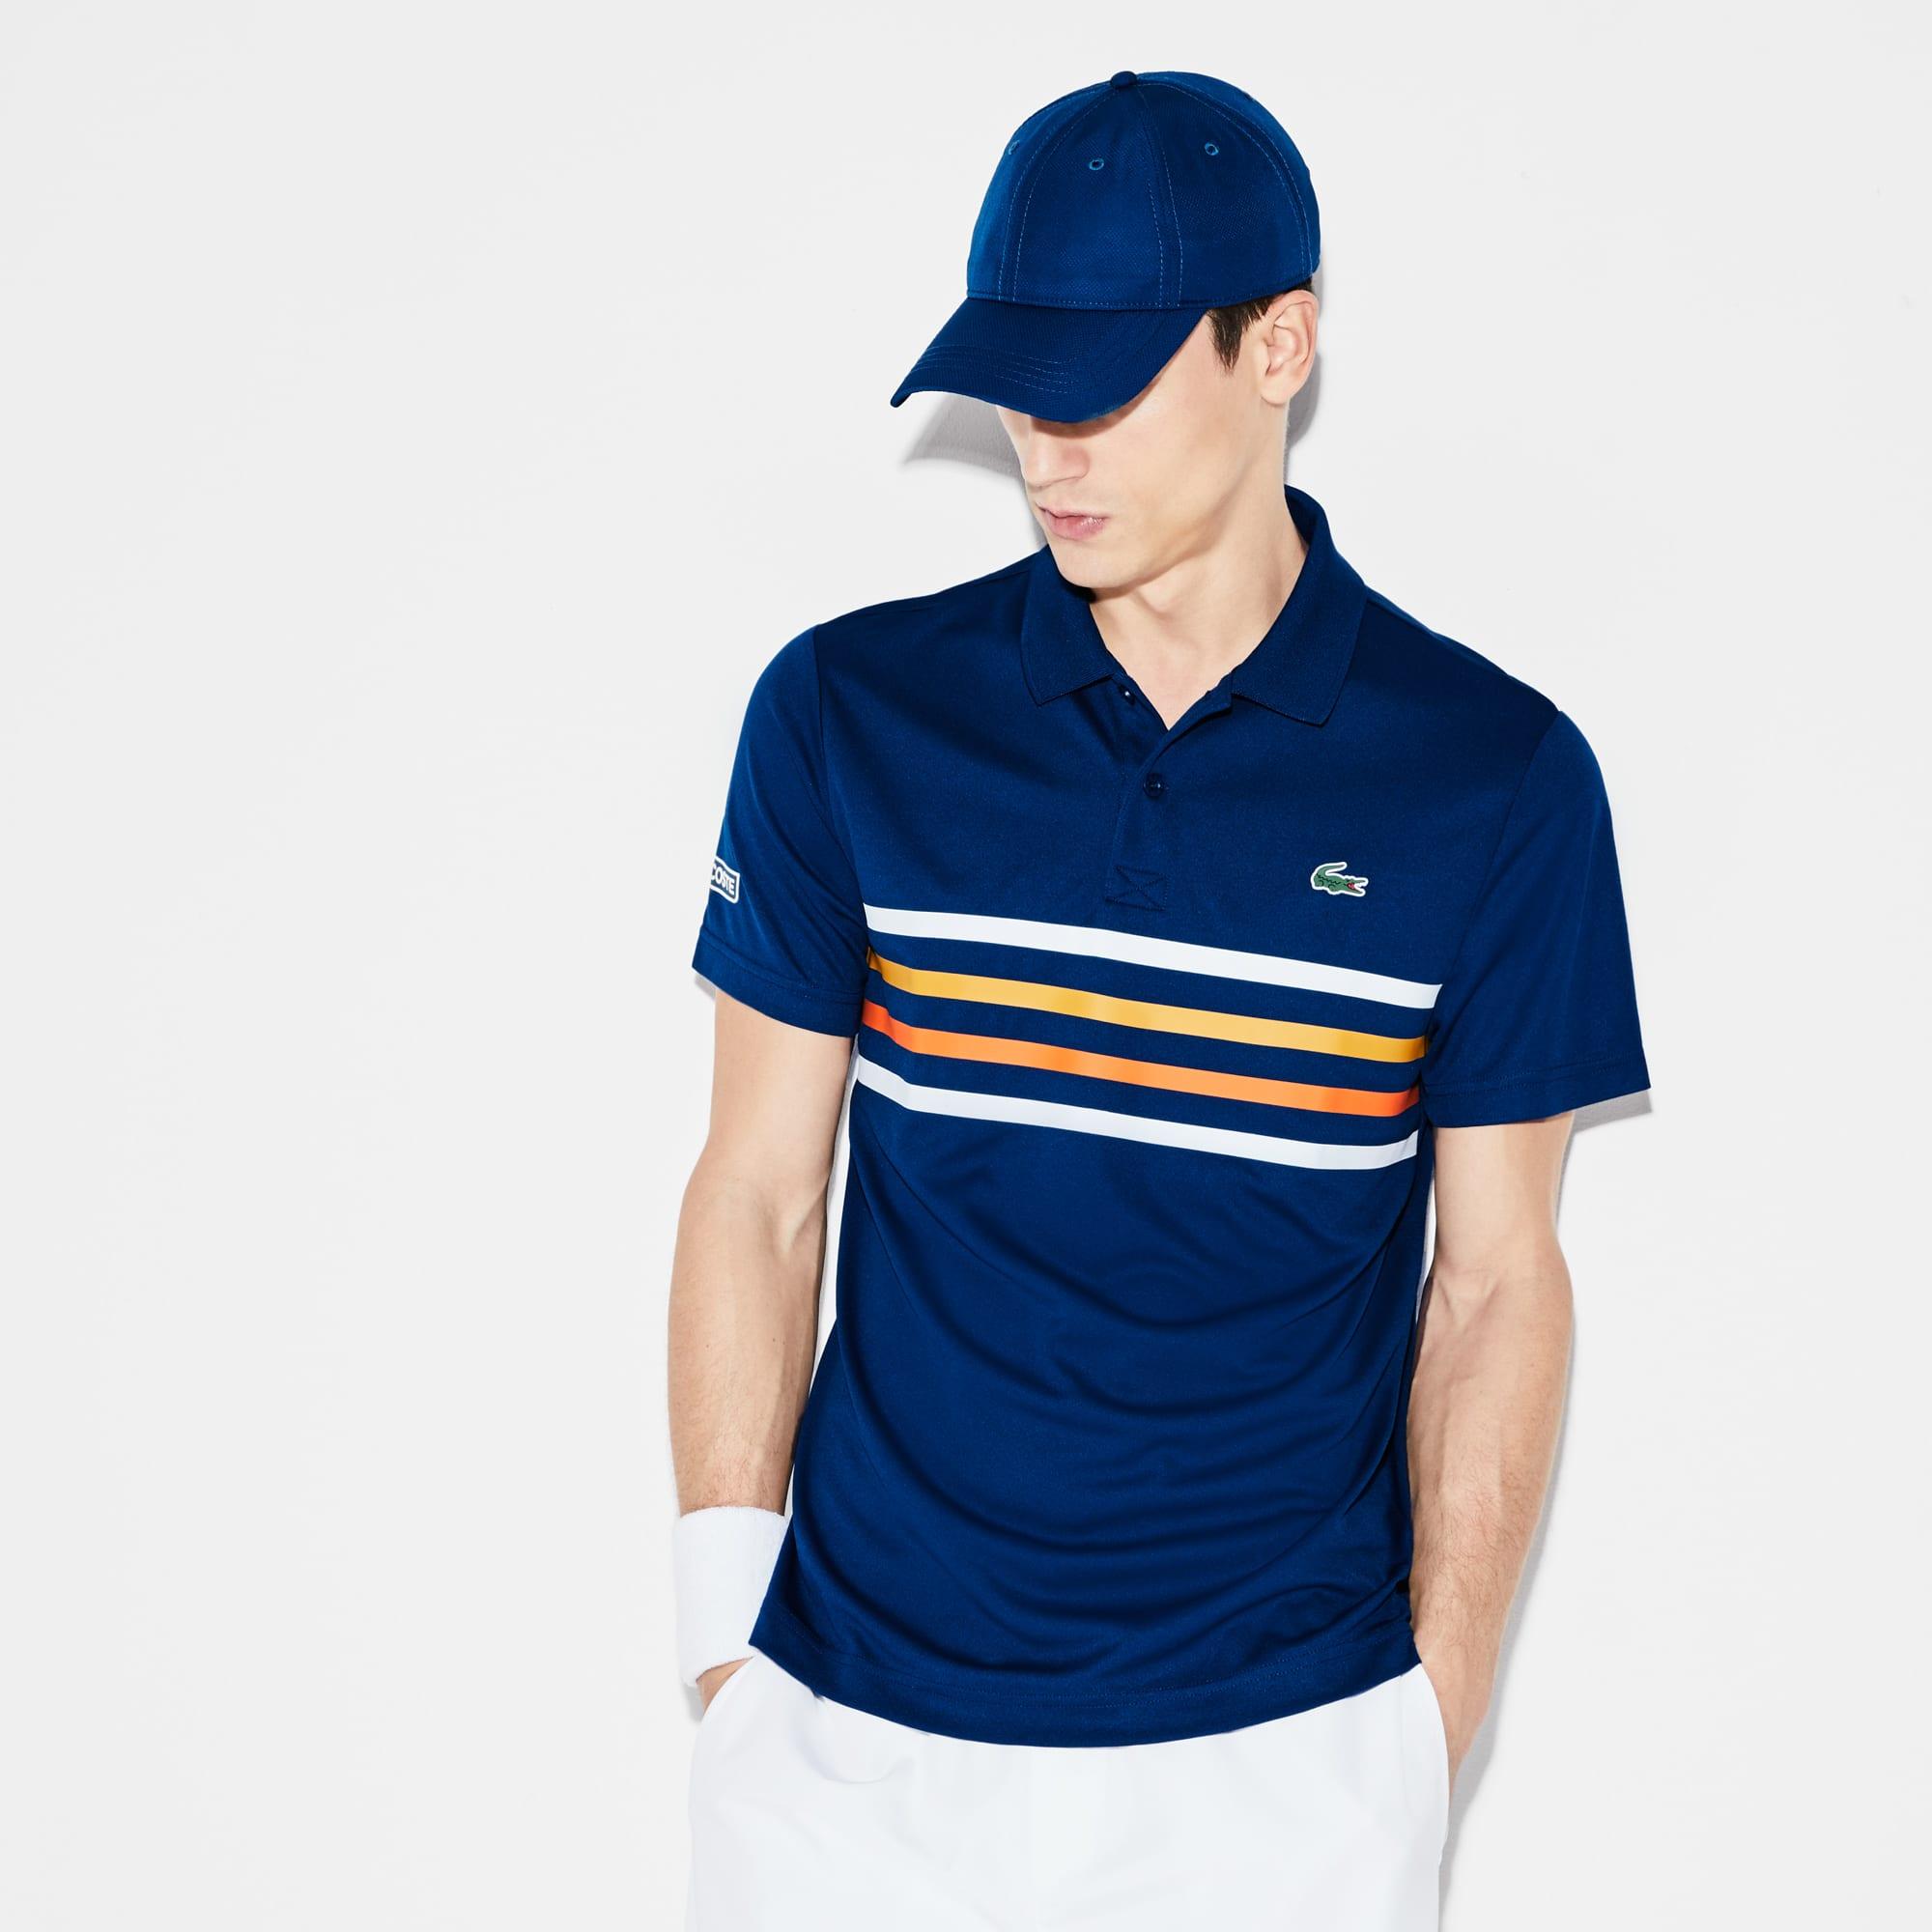 Polo Tennis Lacoste SPORT en piqué technique avec bandes colorées